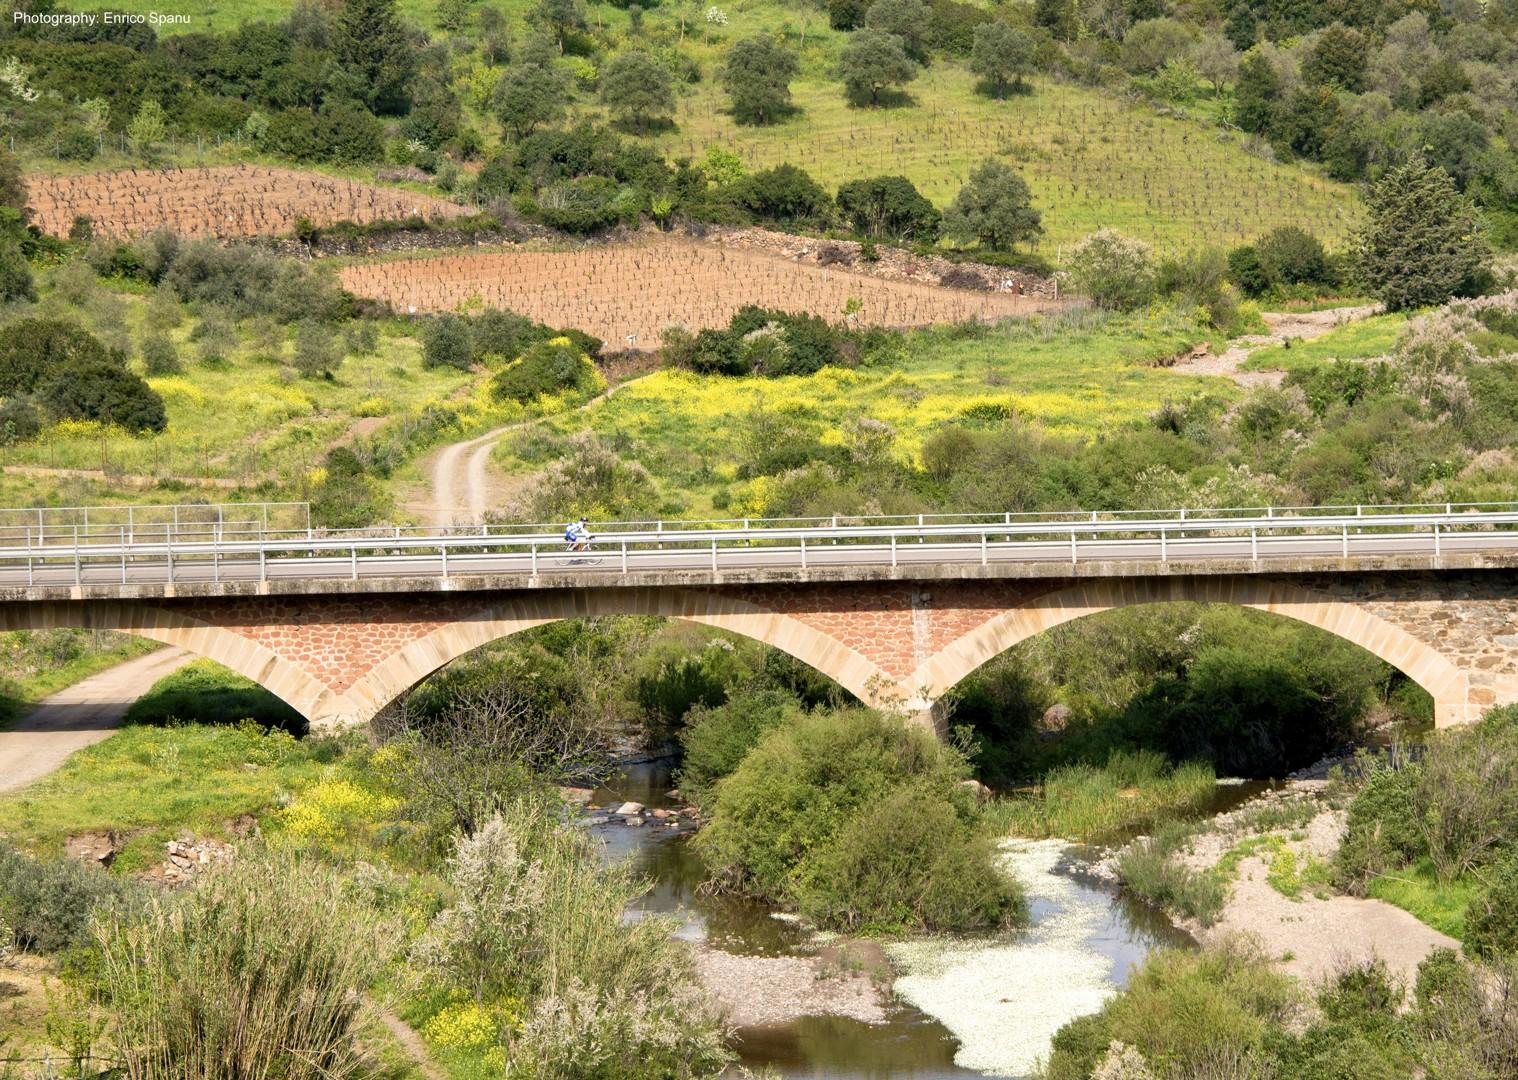 sardiniac2craod4.jpg - Italy - Sardinia - Coast to Coast - Self-Guided Road Cycling Holiday - Italia Road Cycling